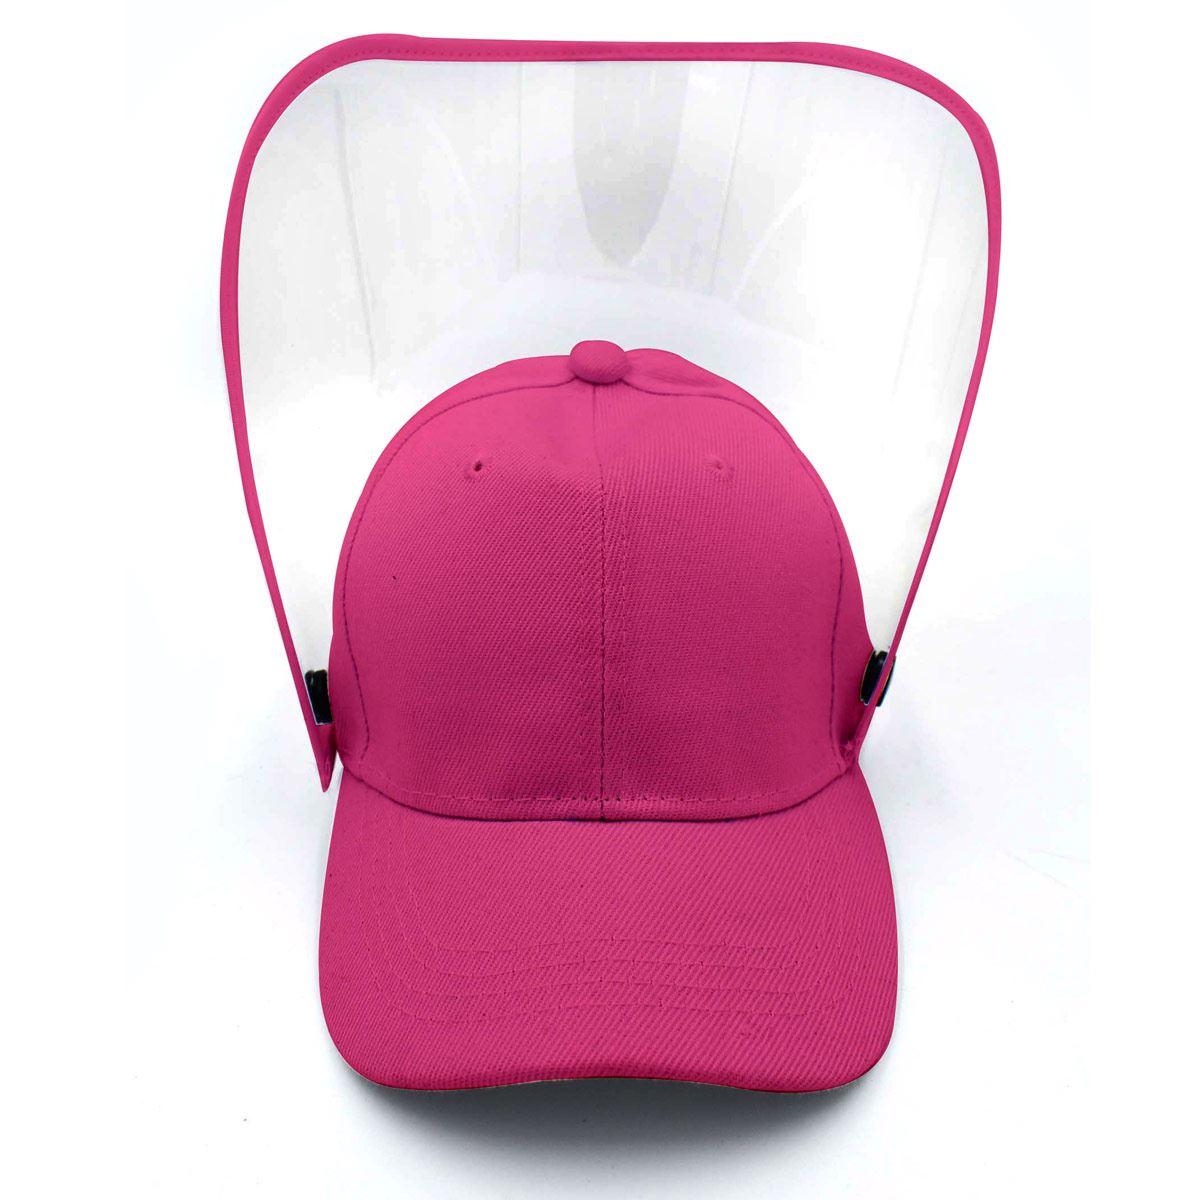 Gorra con careta infantil rosa (fiusha)